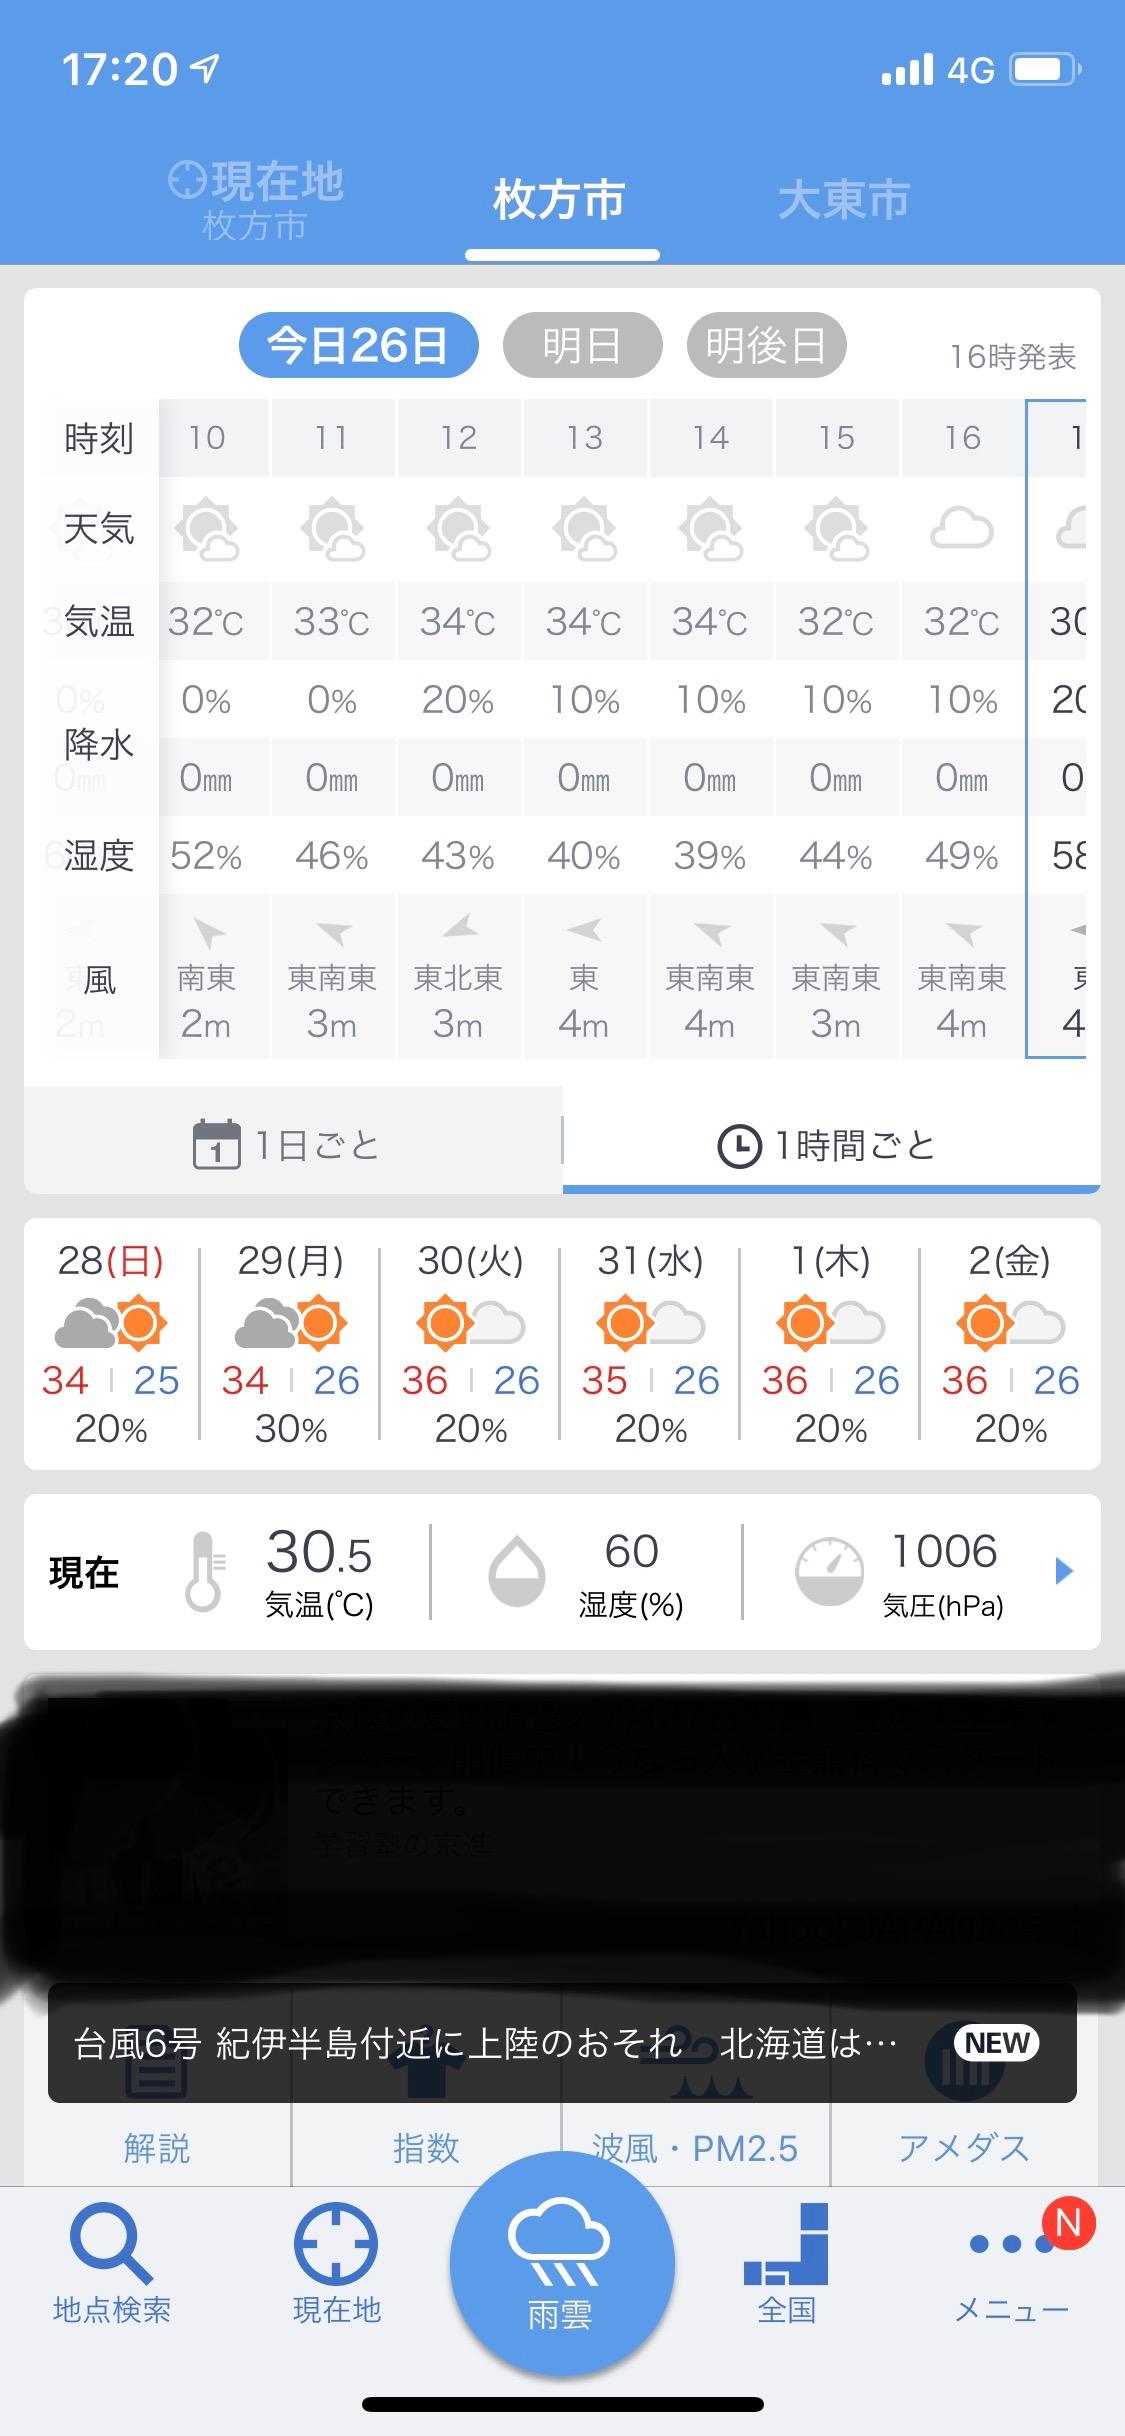 7/26の枚方市の気温